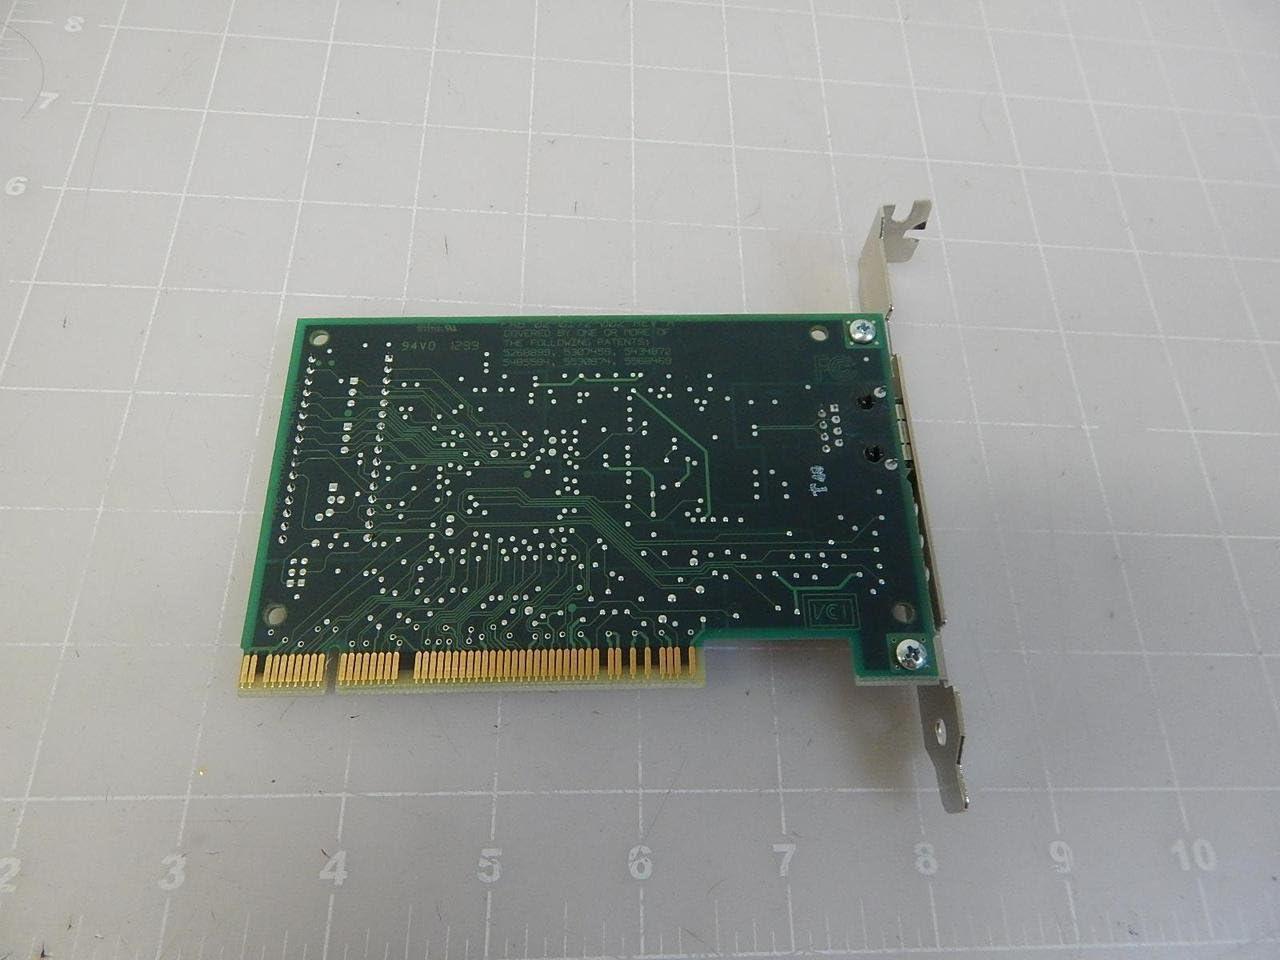 3C905B-TX-NM 3Com 3COM 3C905B-TX-NM